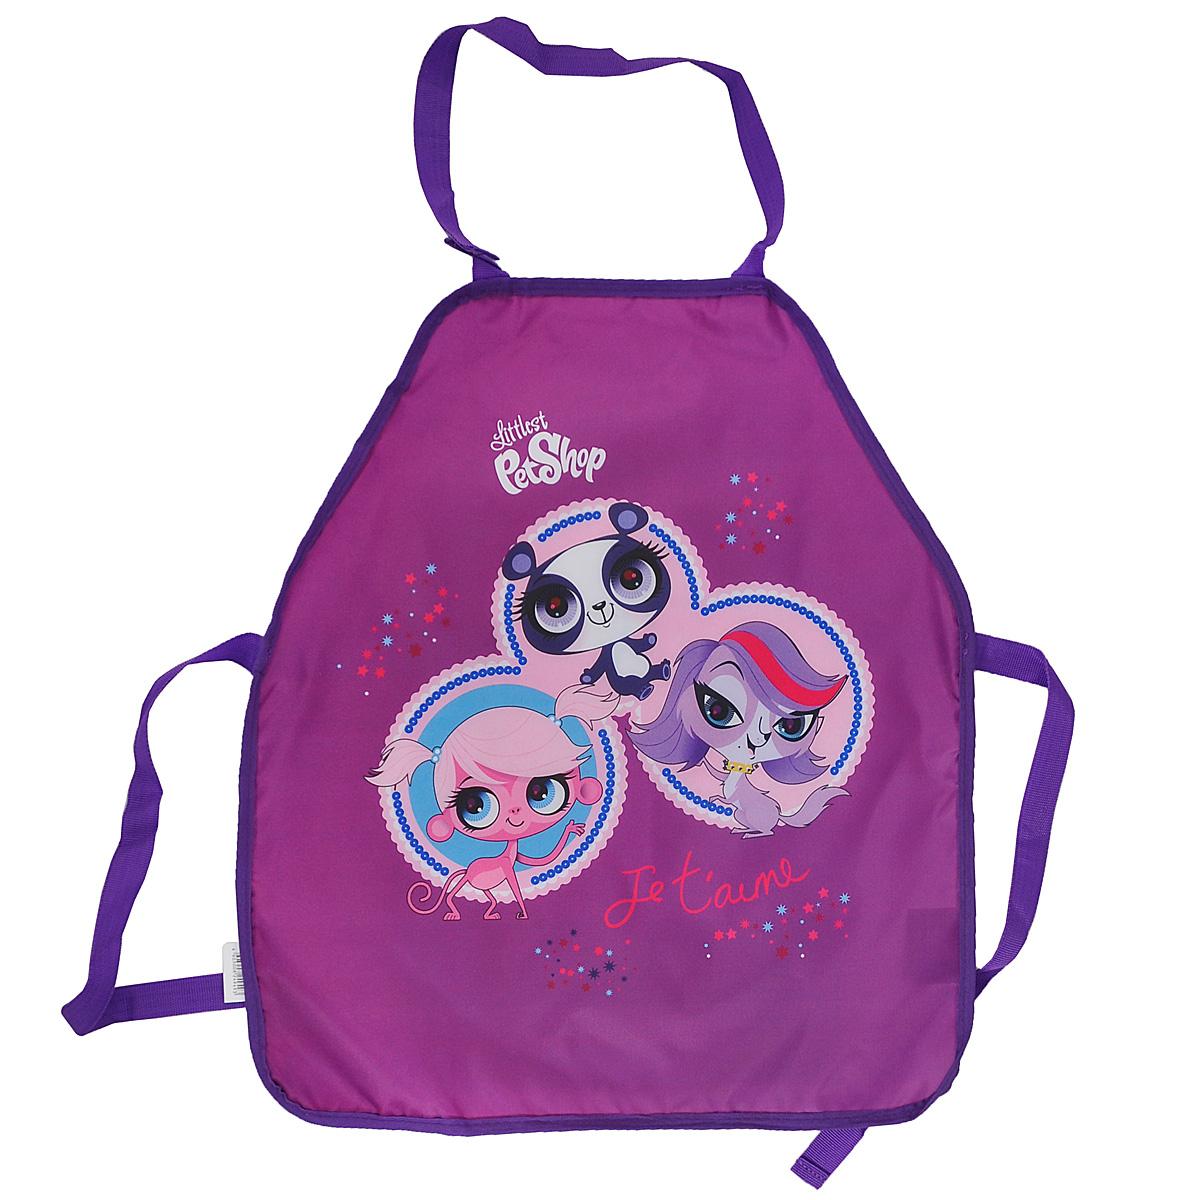 Фартук для детского творчества  Littlest Pet Shop , цвет: фиолетовый -  Аксессуары для труда